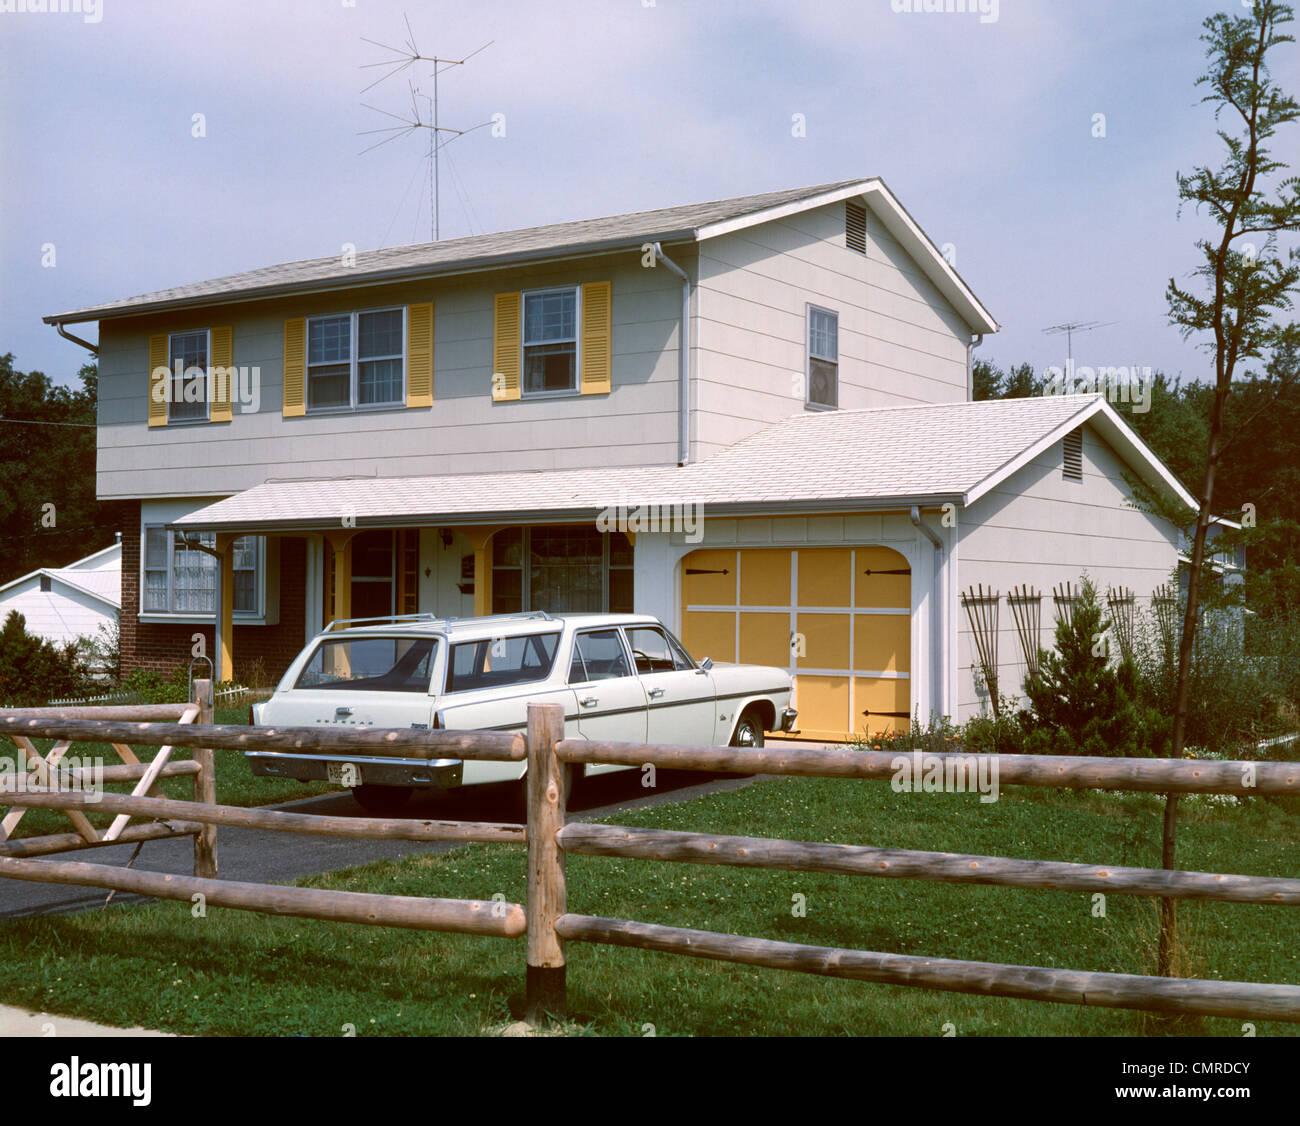 Années 1960 Années 1970 SUBURBAN HOME DEUX ÉTAGES AVEC EN ENTRÉE DE STATION WAGON Photo Stock